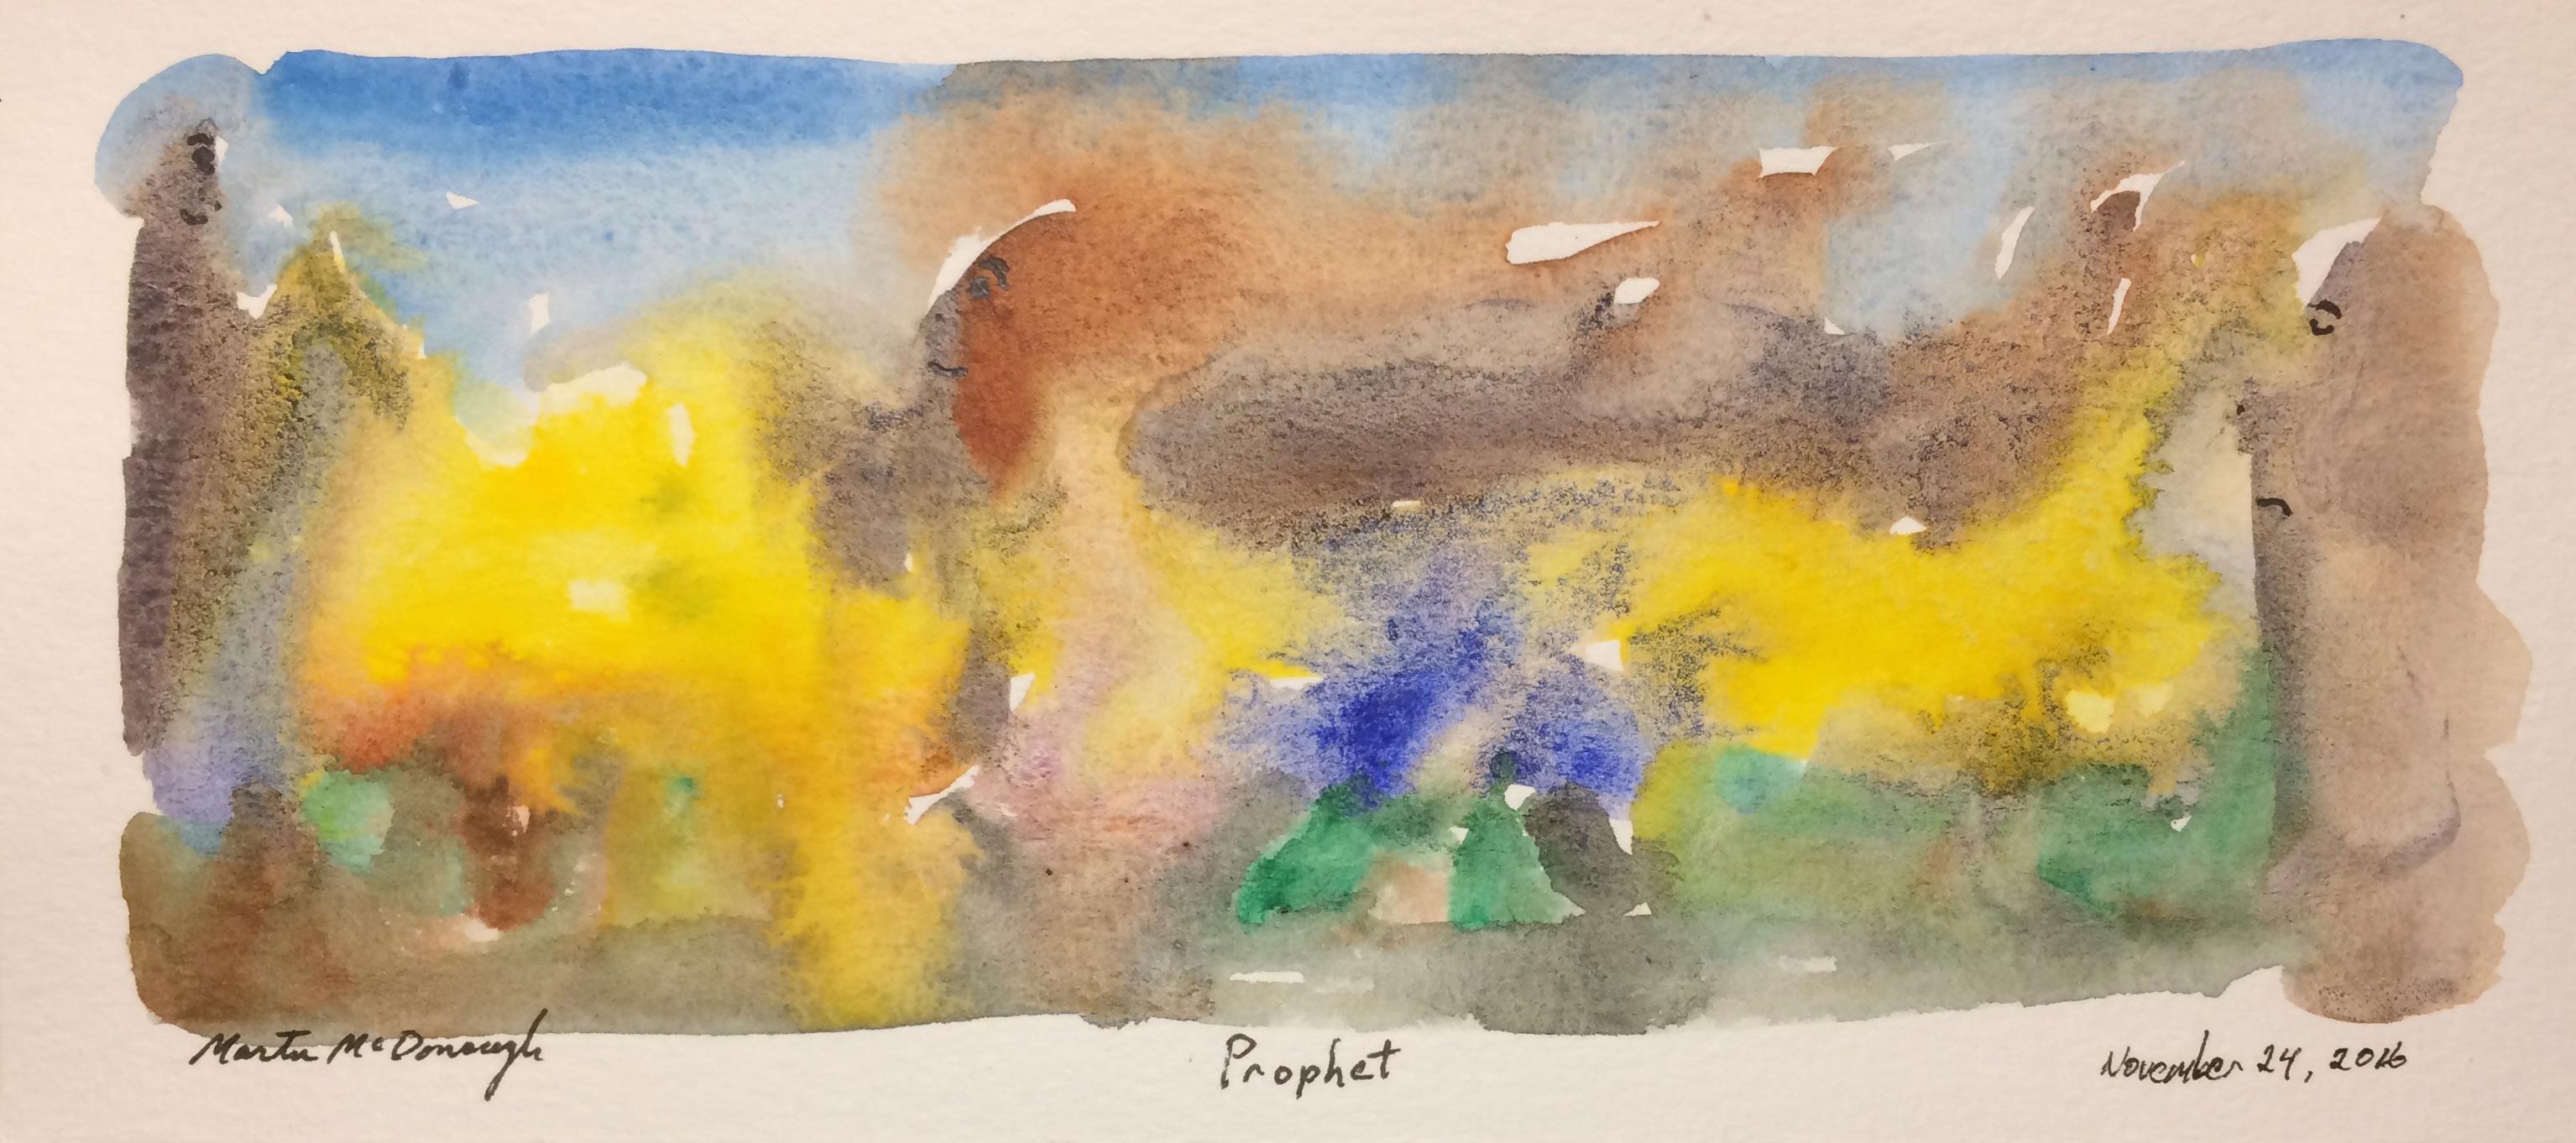 prophet_web